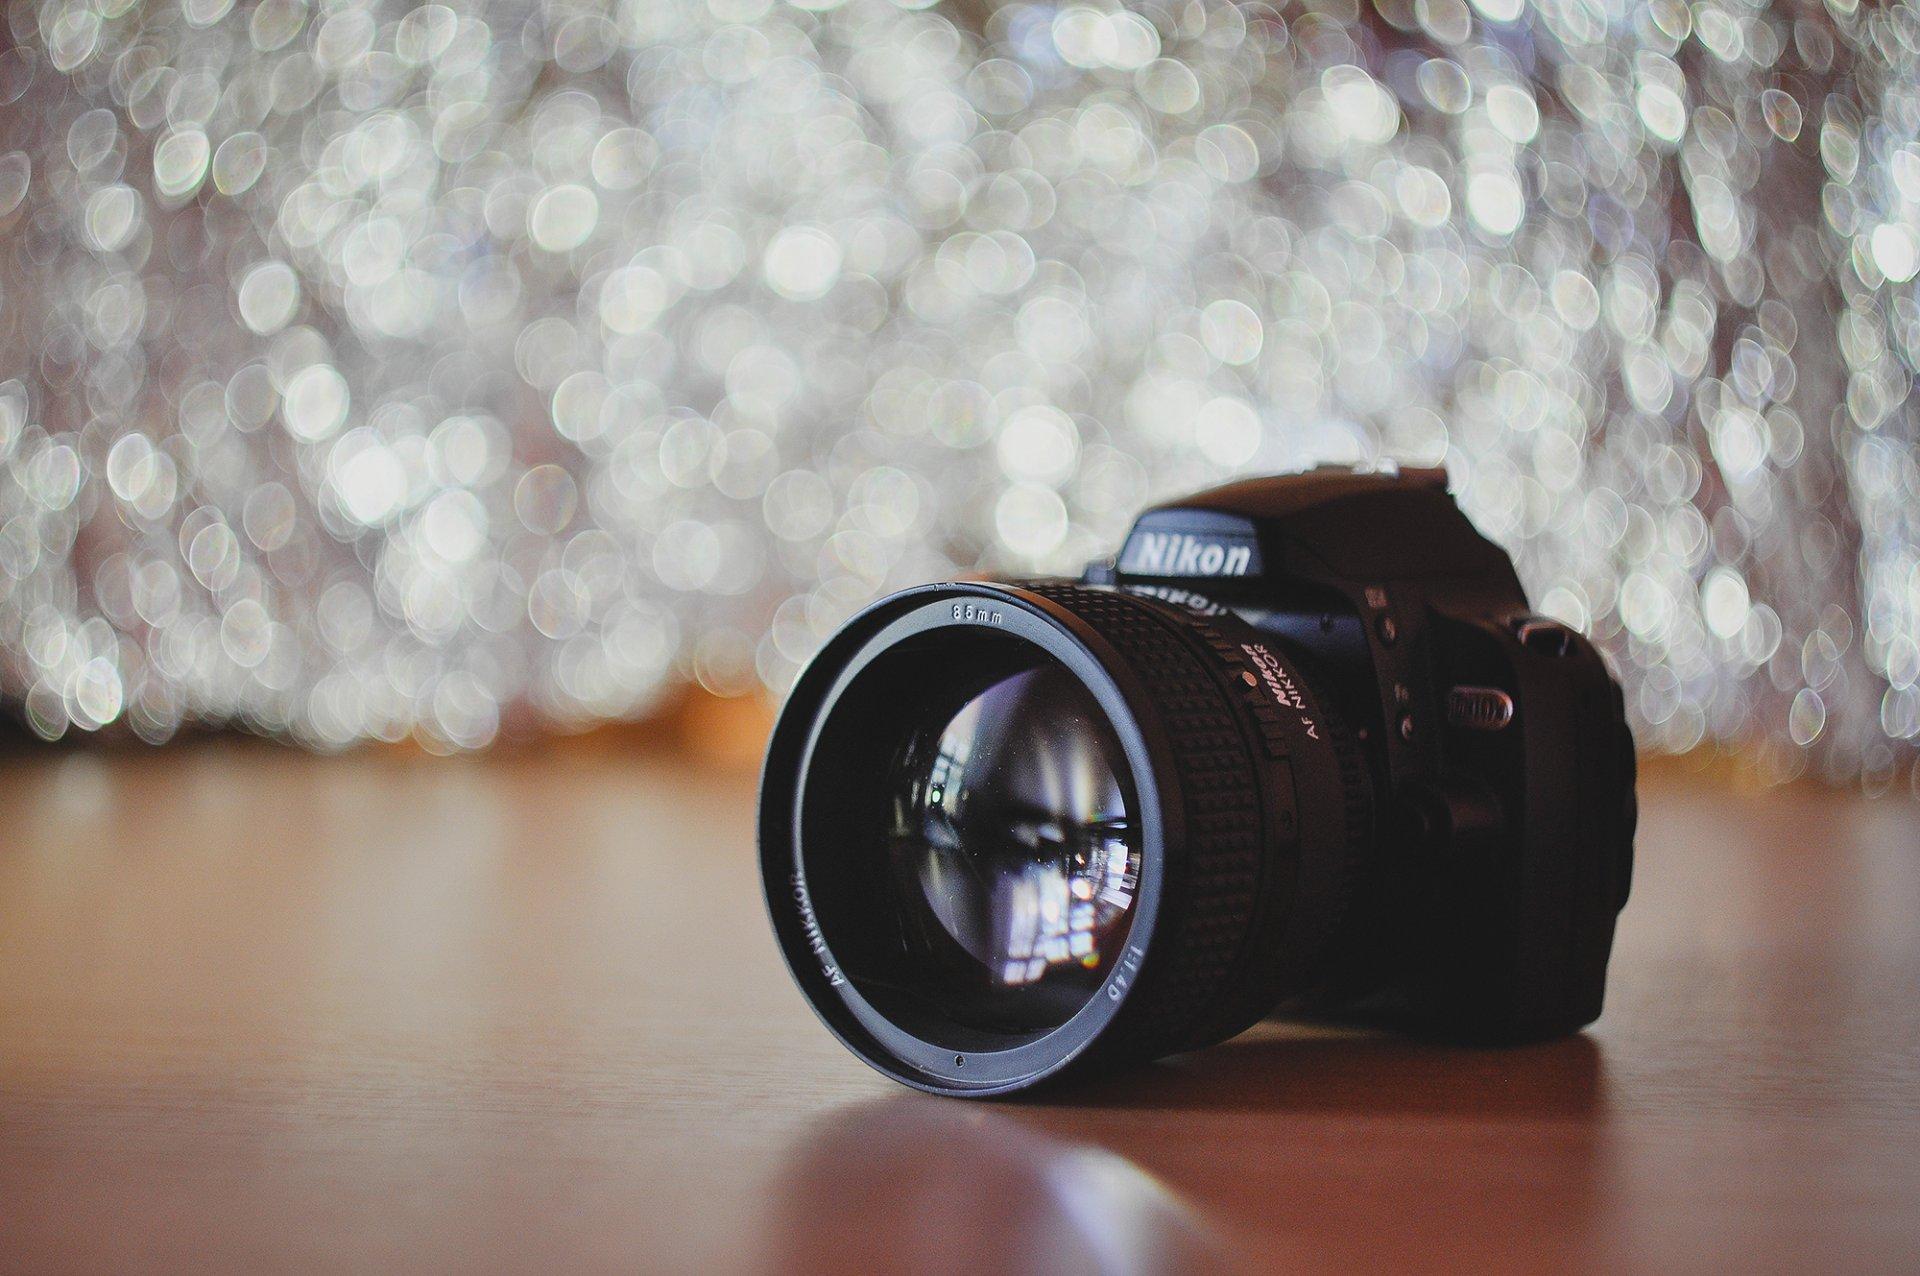 Фотоаппарат для размытого фона